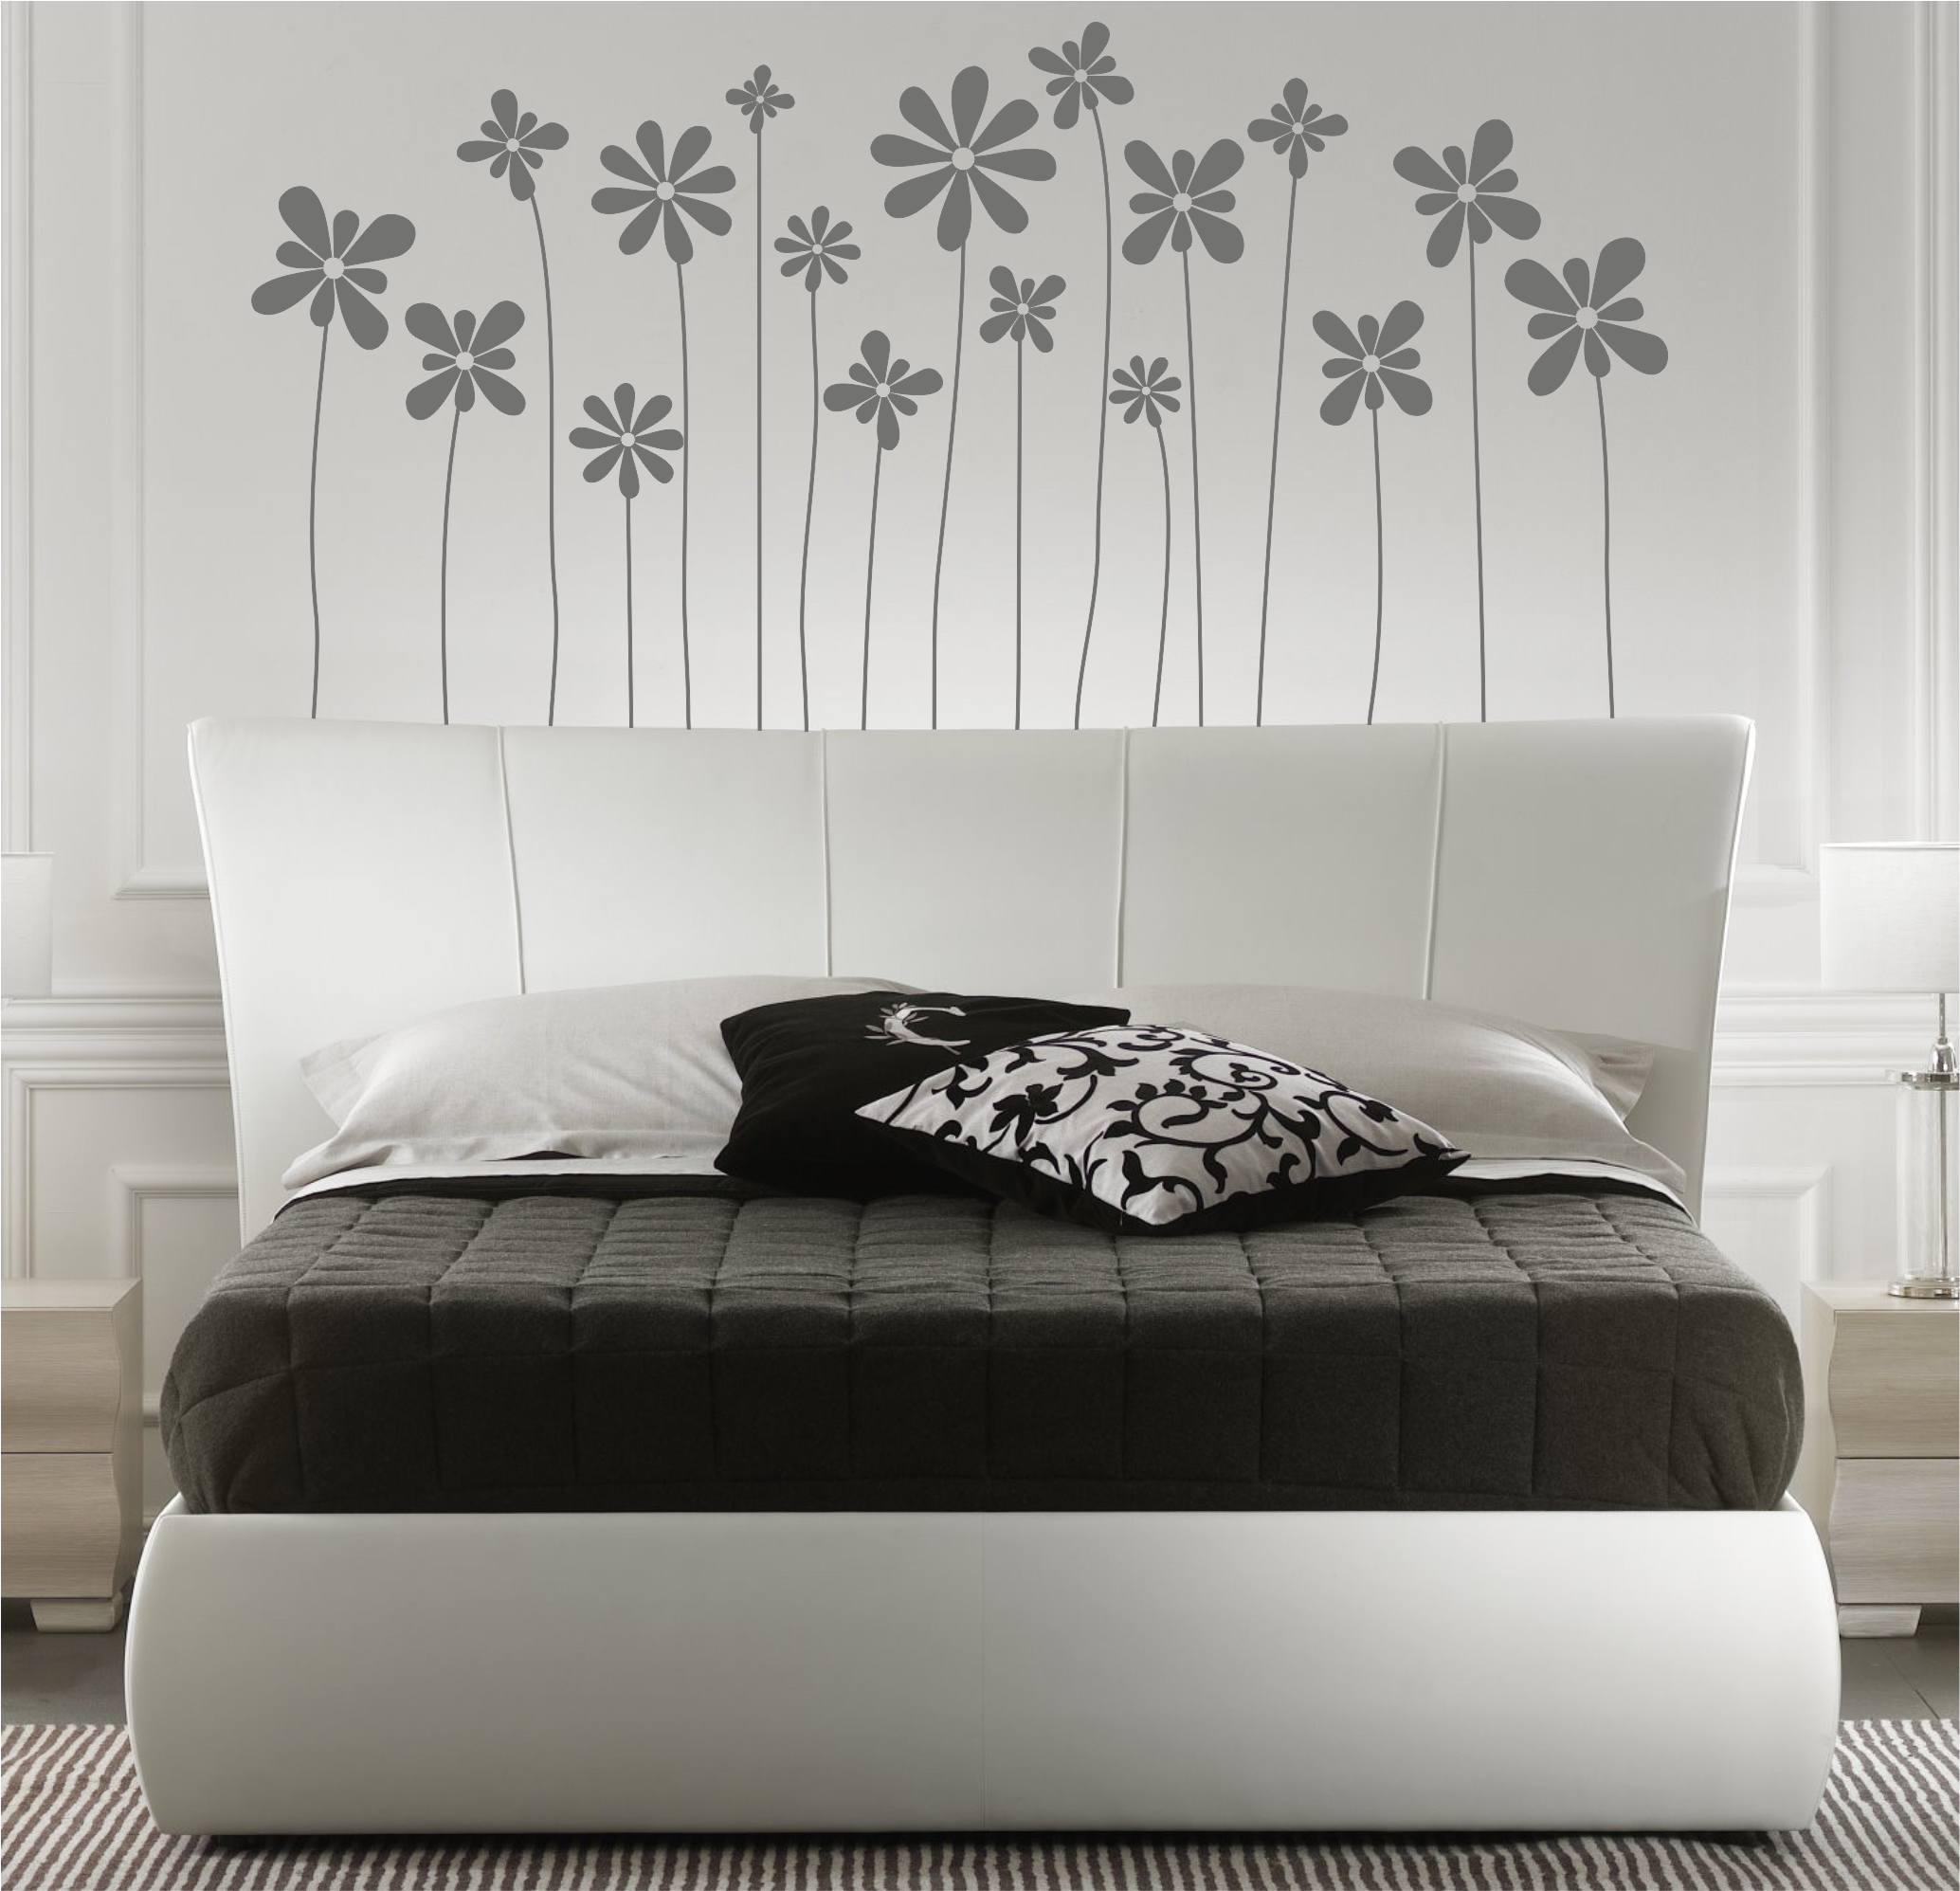 vinilo decorativo de un cabecero de cama motivo floral 5